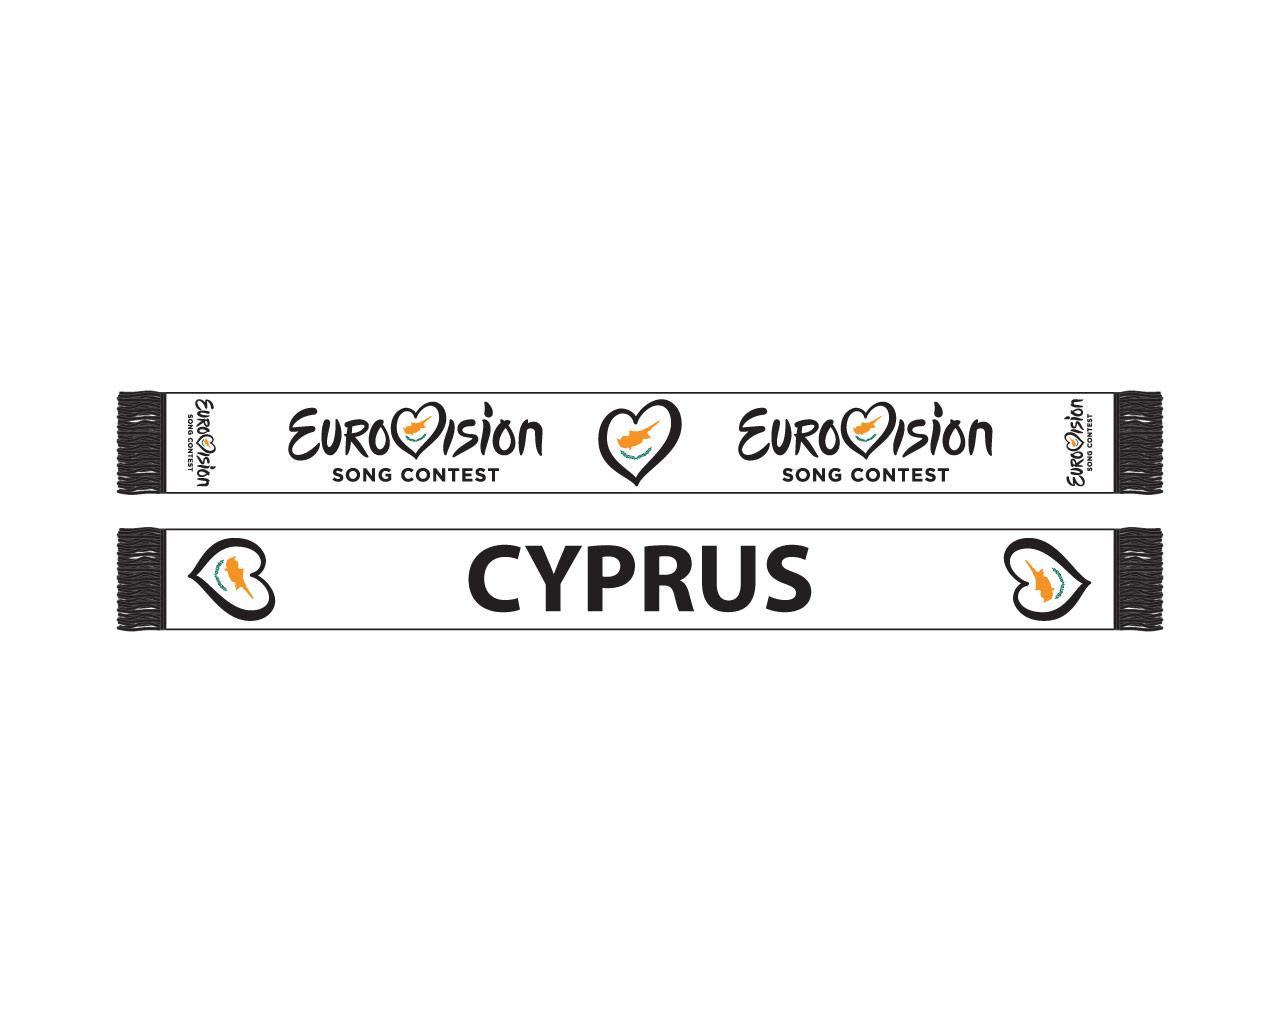 Scarf Cyprus